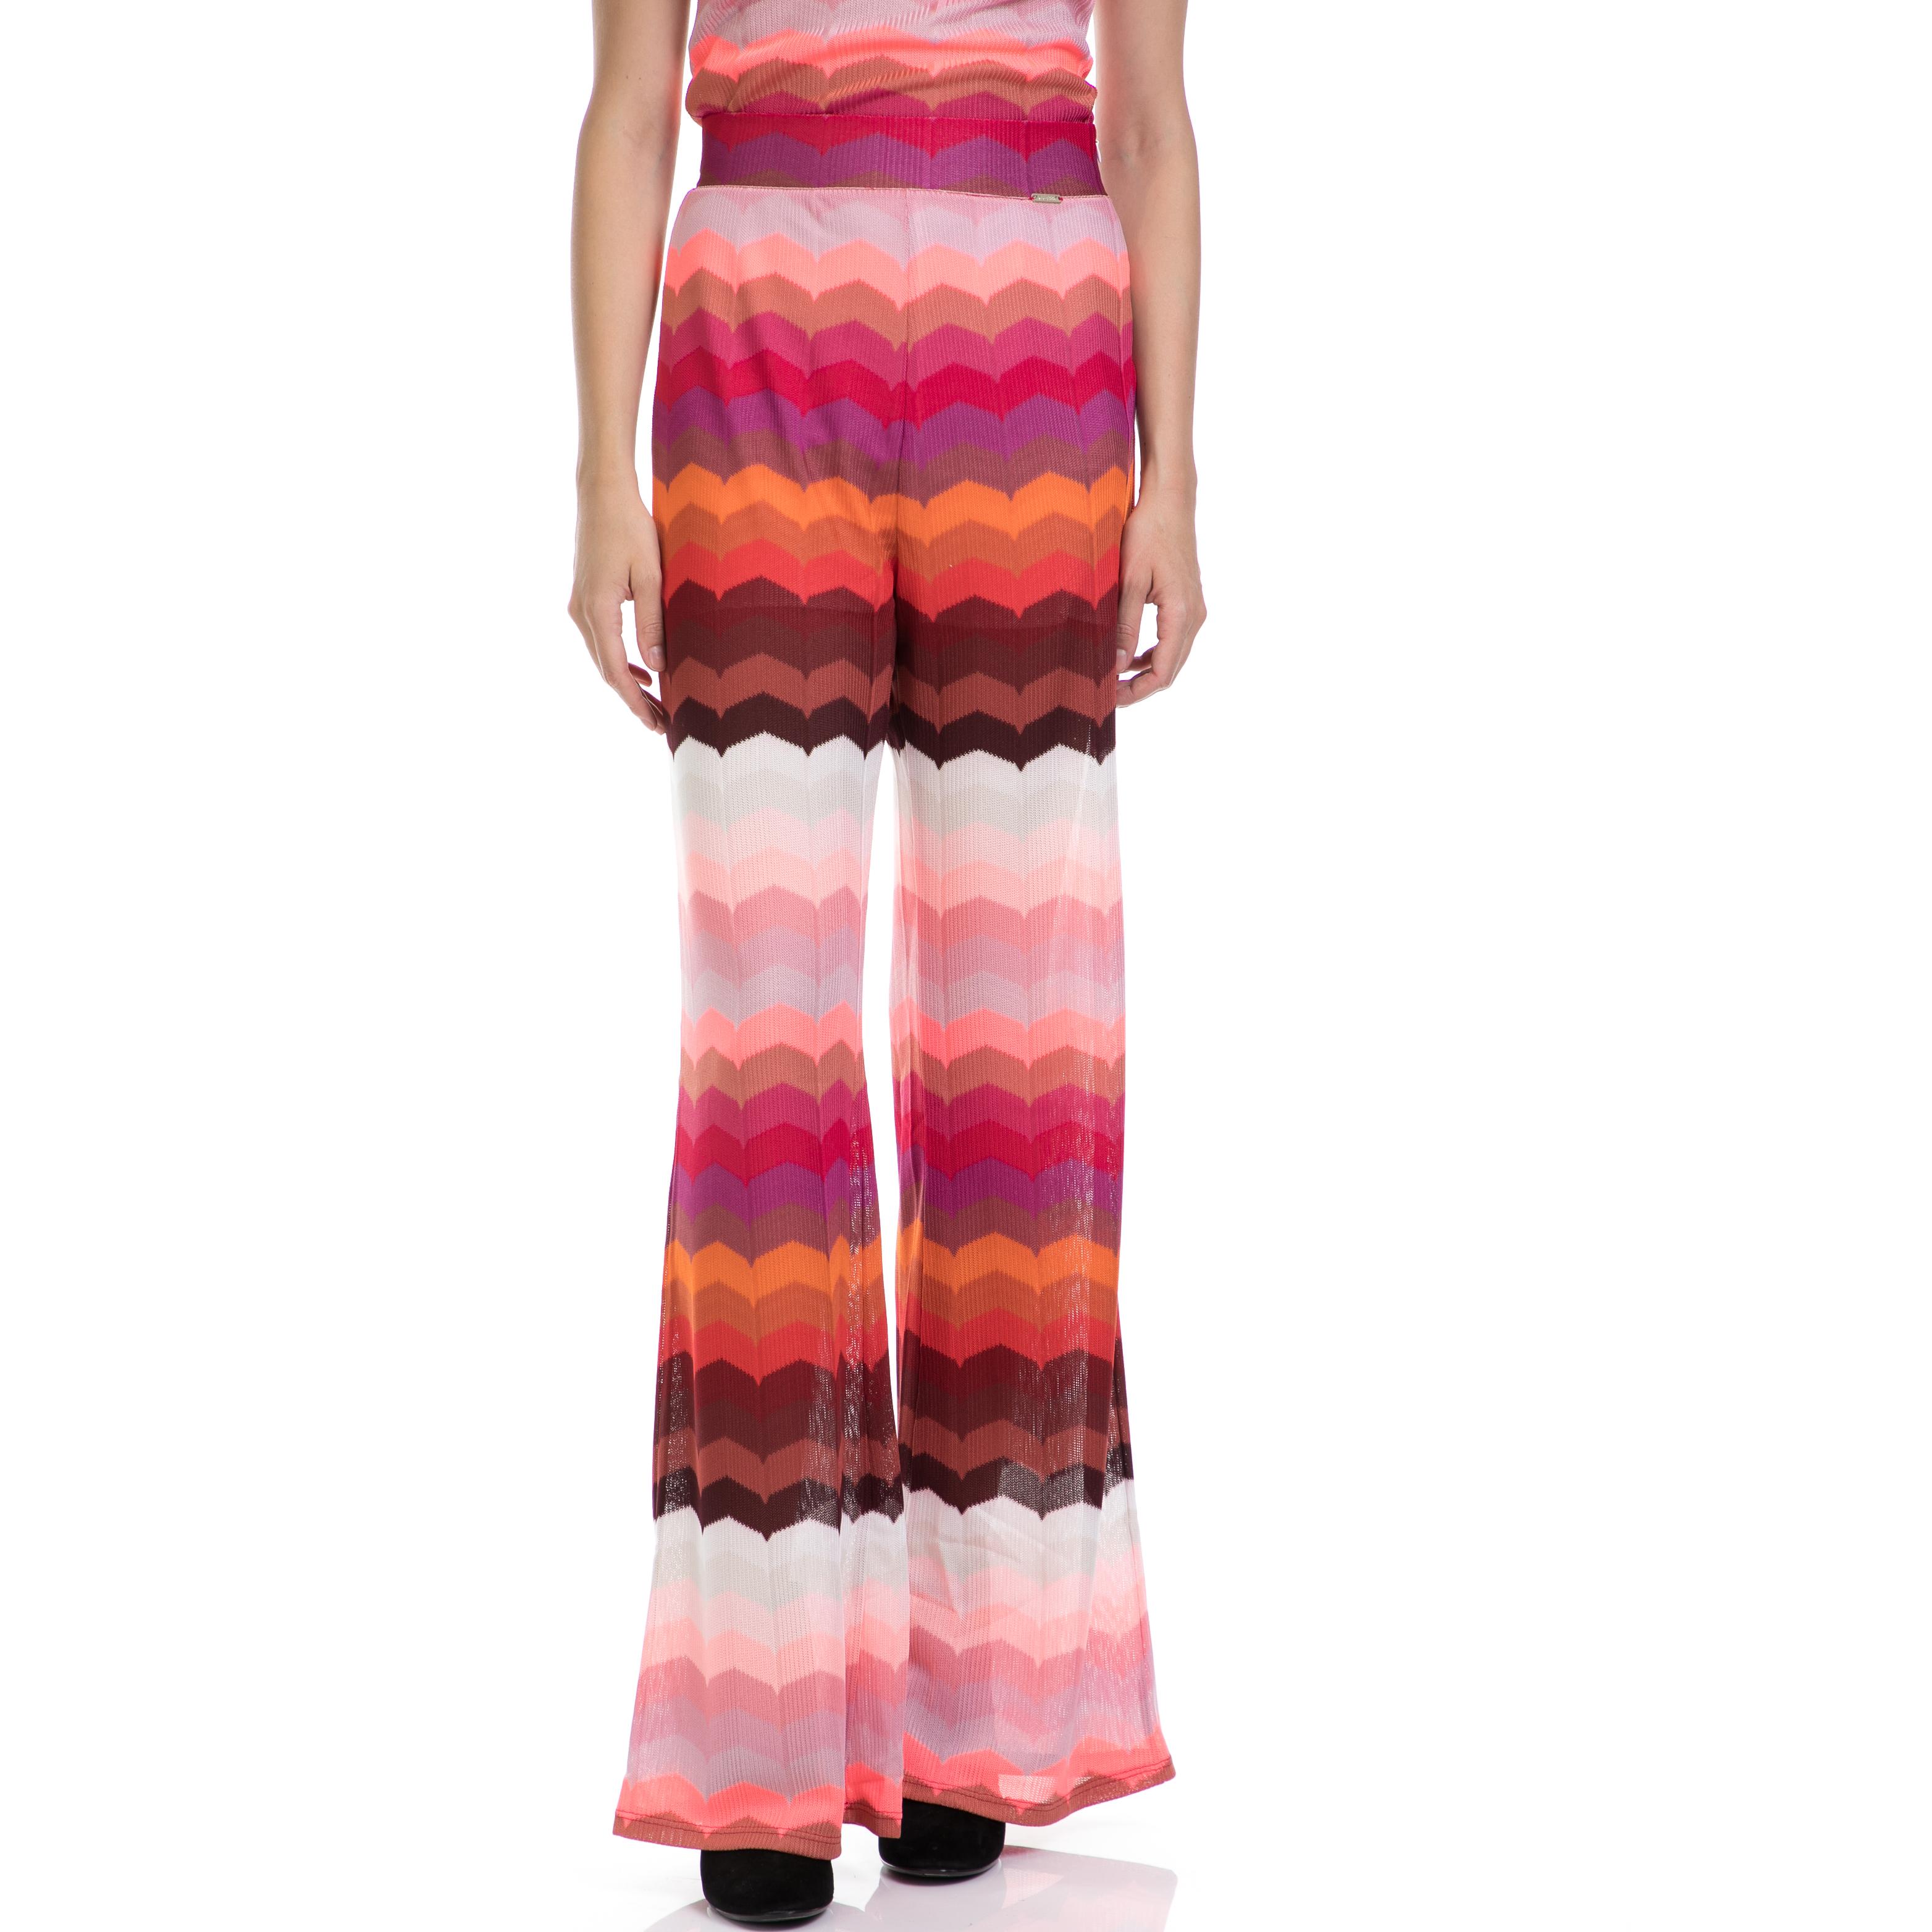 6a280f851b GUESS – Γυναικείο παντελόνι GUESS πολύχρωμο